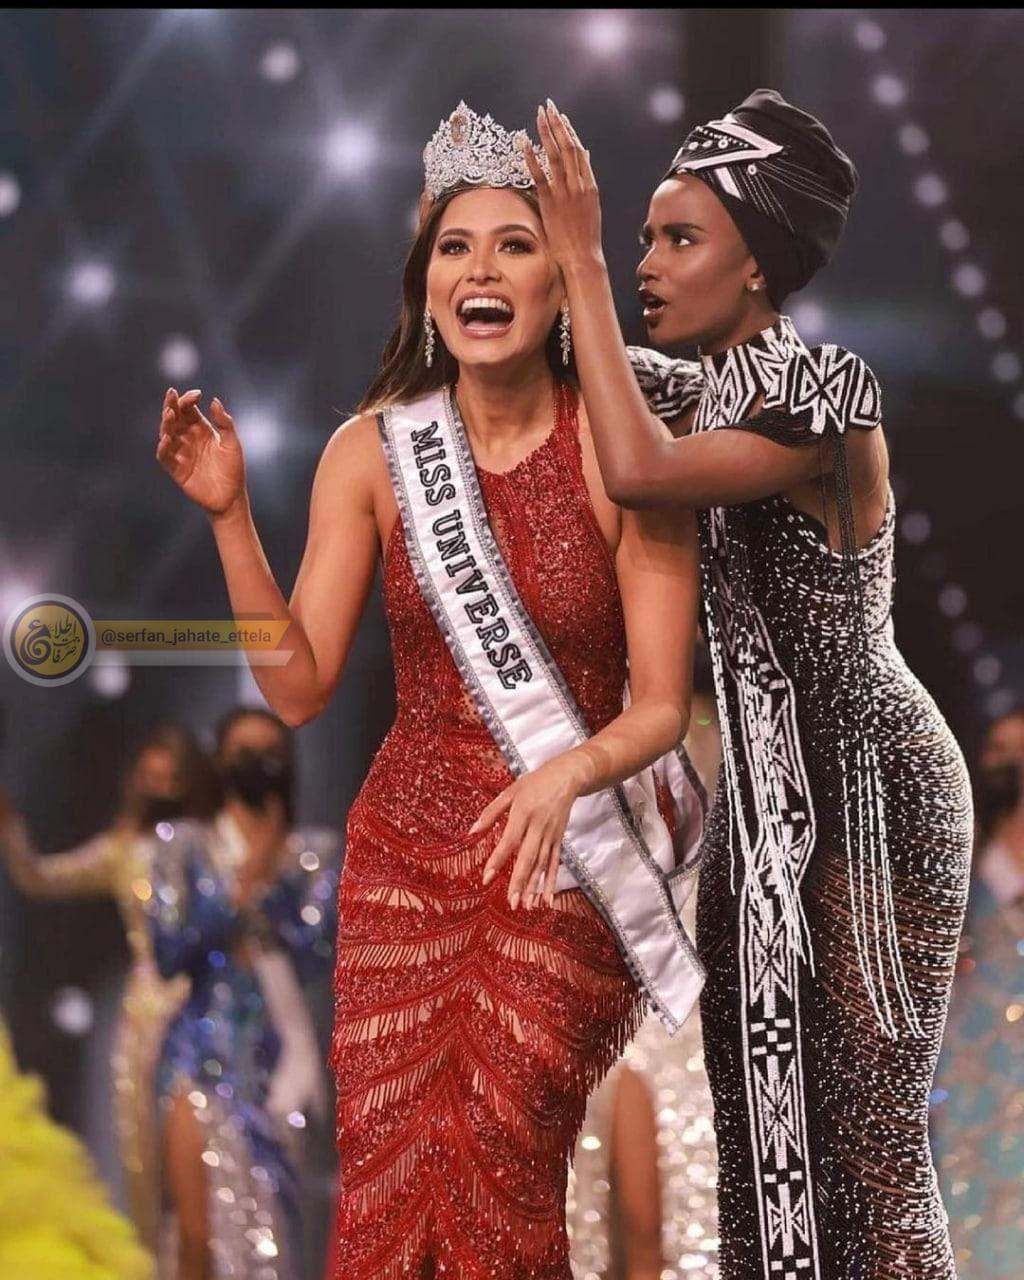 دختر شایسته جهان انتخاب شد